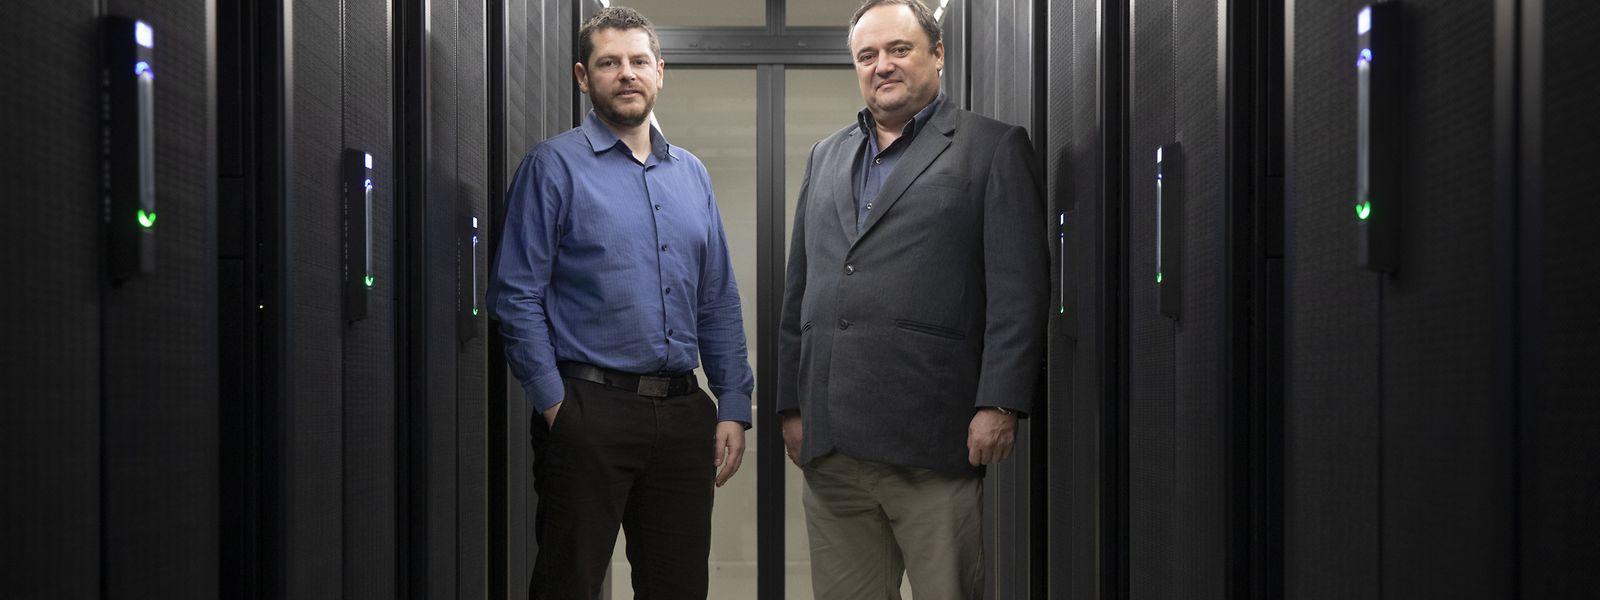 Die beiden Wissenschaftler Sébastien Varrette (l.) und Pascal Bouvry im Rechenzentrum der Universität. Forschung wird zunehmend mithilfe von digitalen Modellen betrieben, wofür große Rechenleistungen notwendig sind.